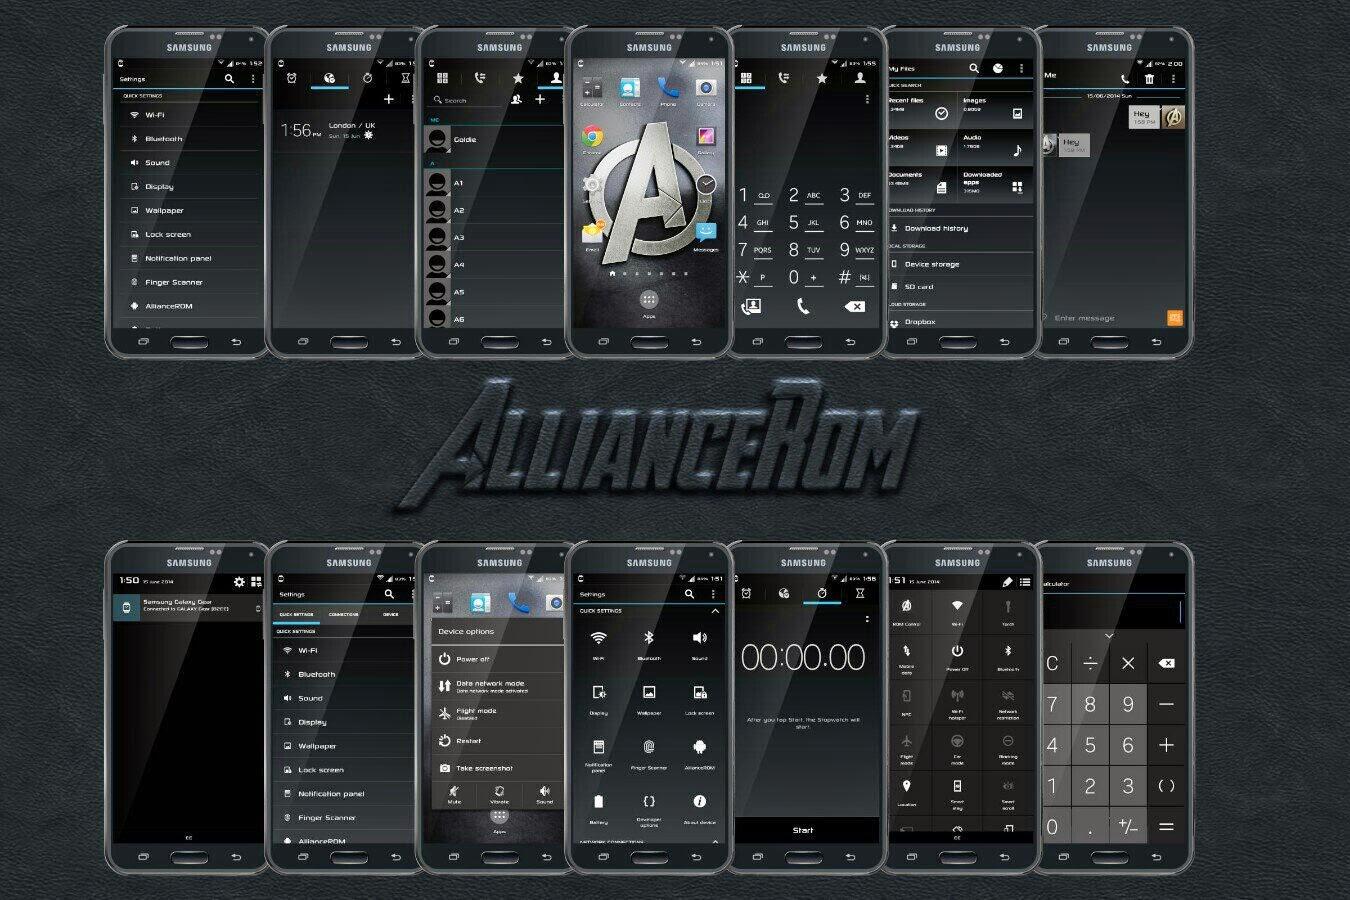 AllianceROM v4.1